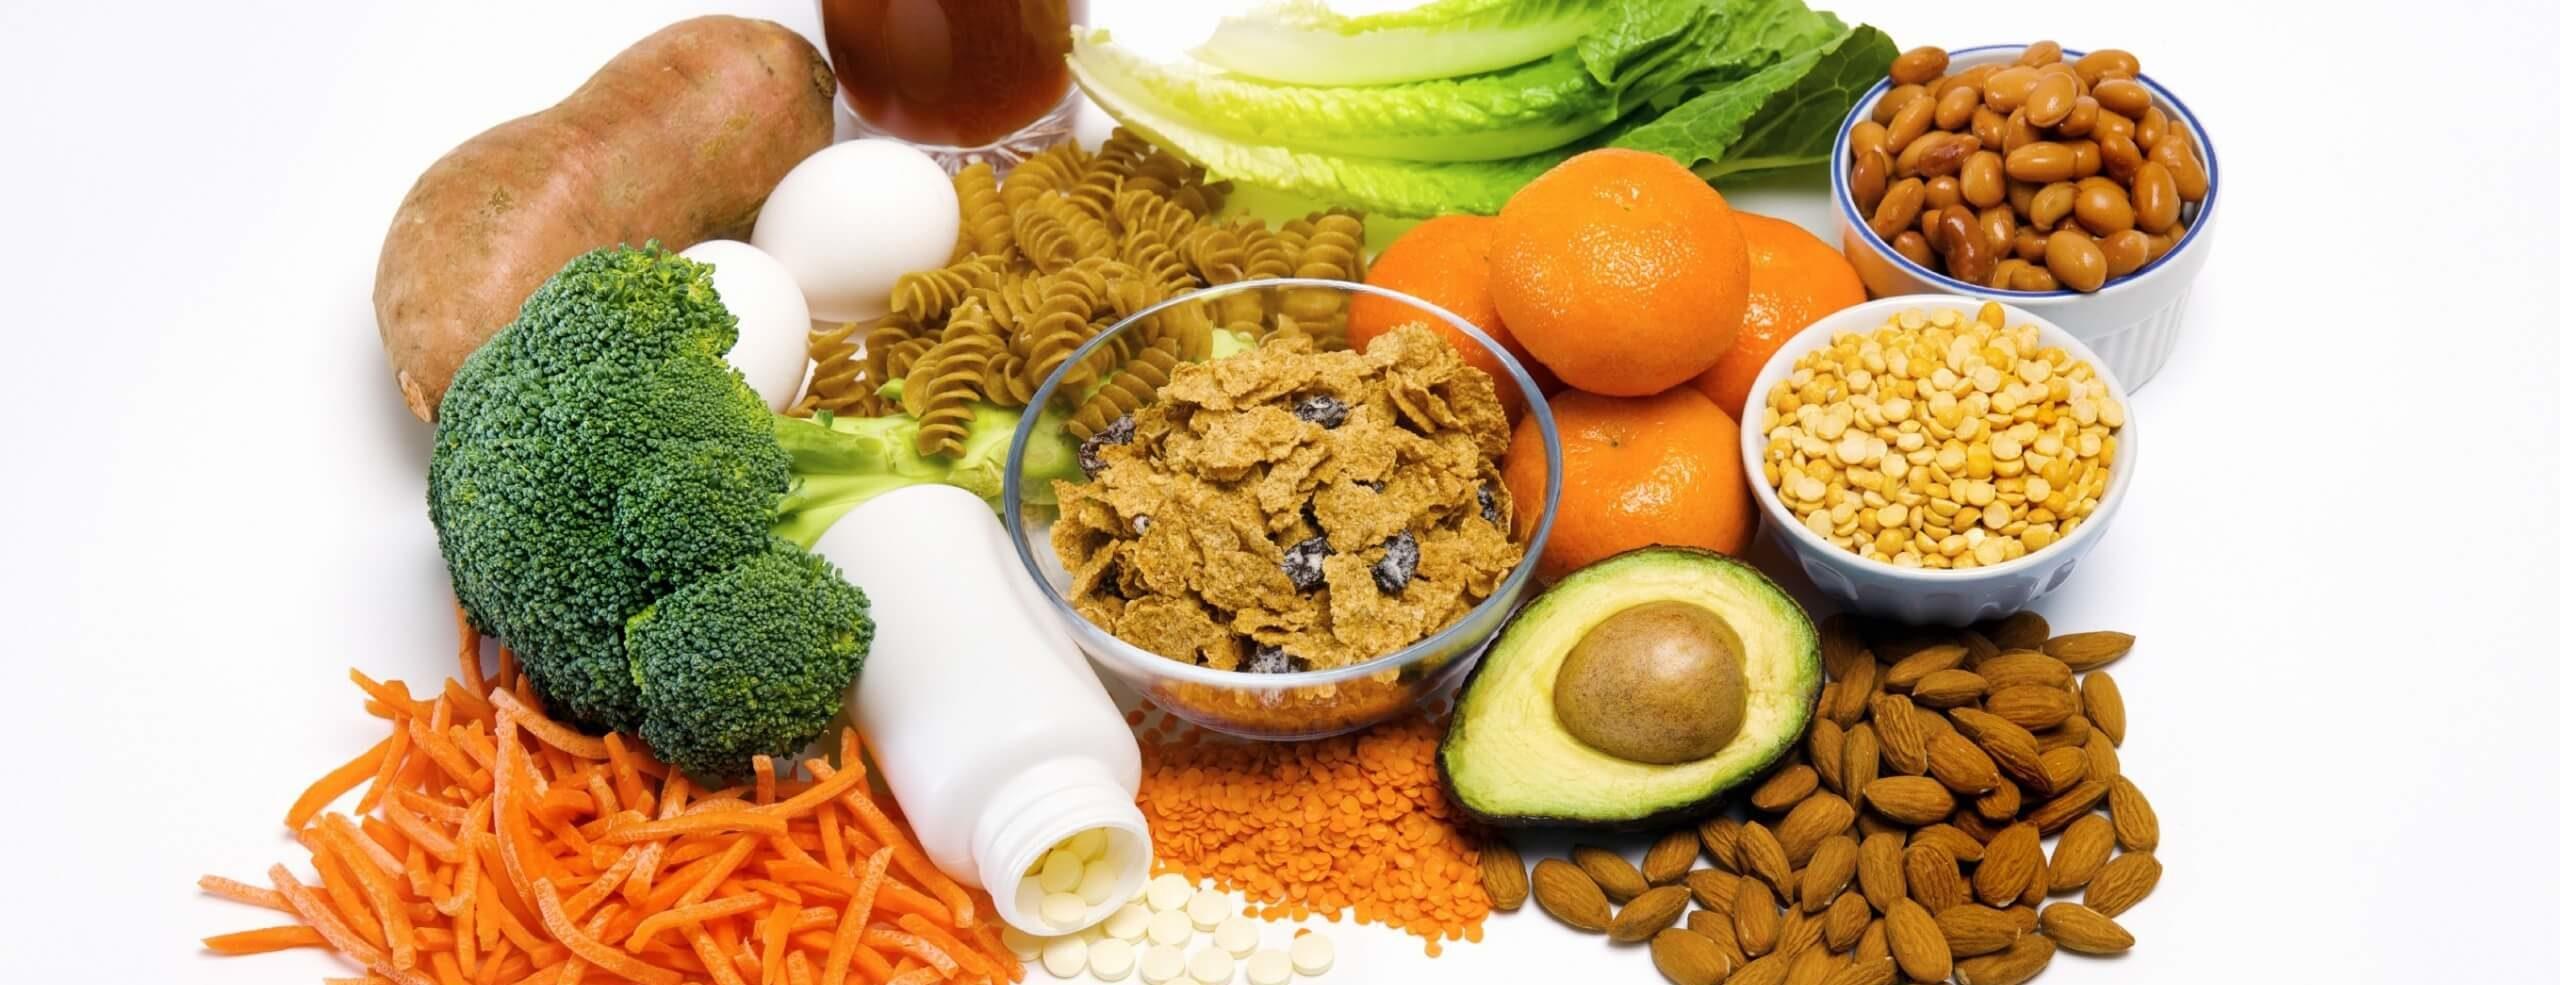 прогестерон в продуктах